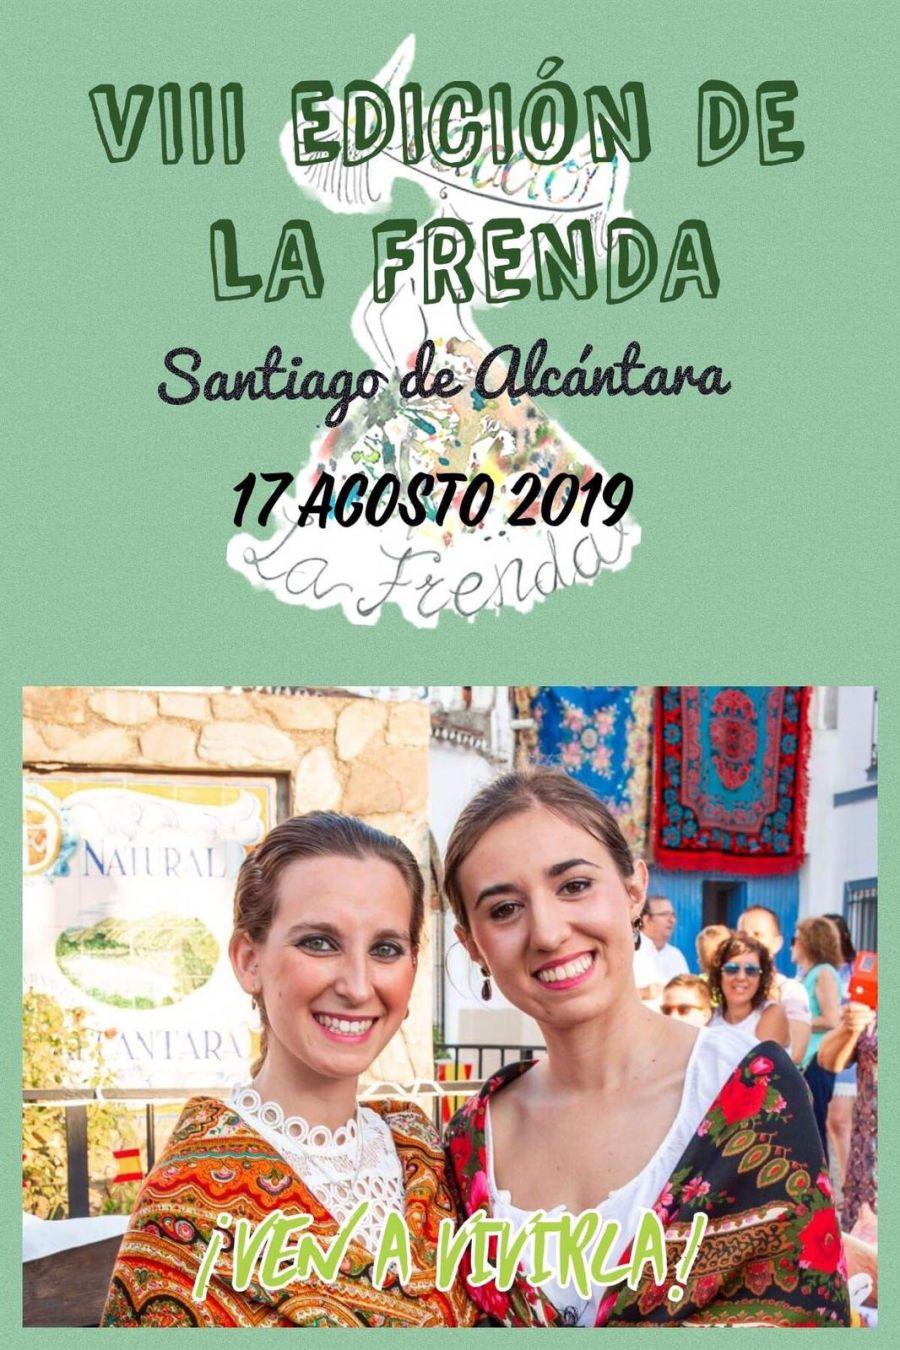 LA FRENDA SANTIAGO DE ALCÁNTARA | VIII Edición de La Frenda